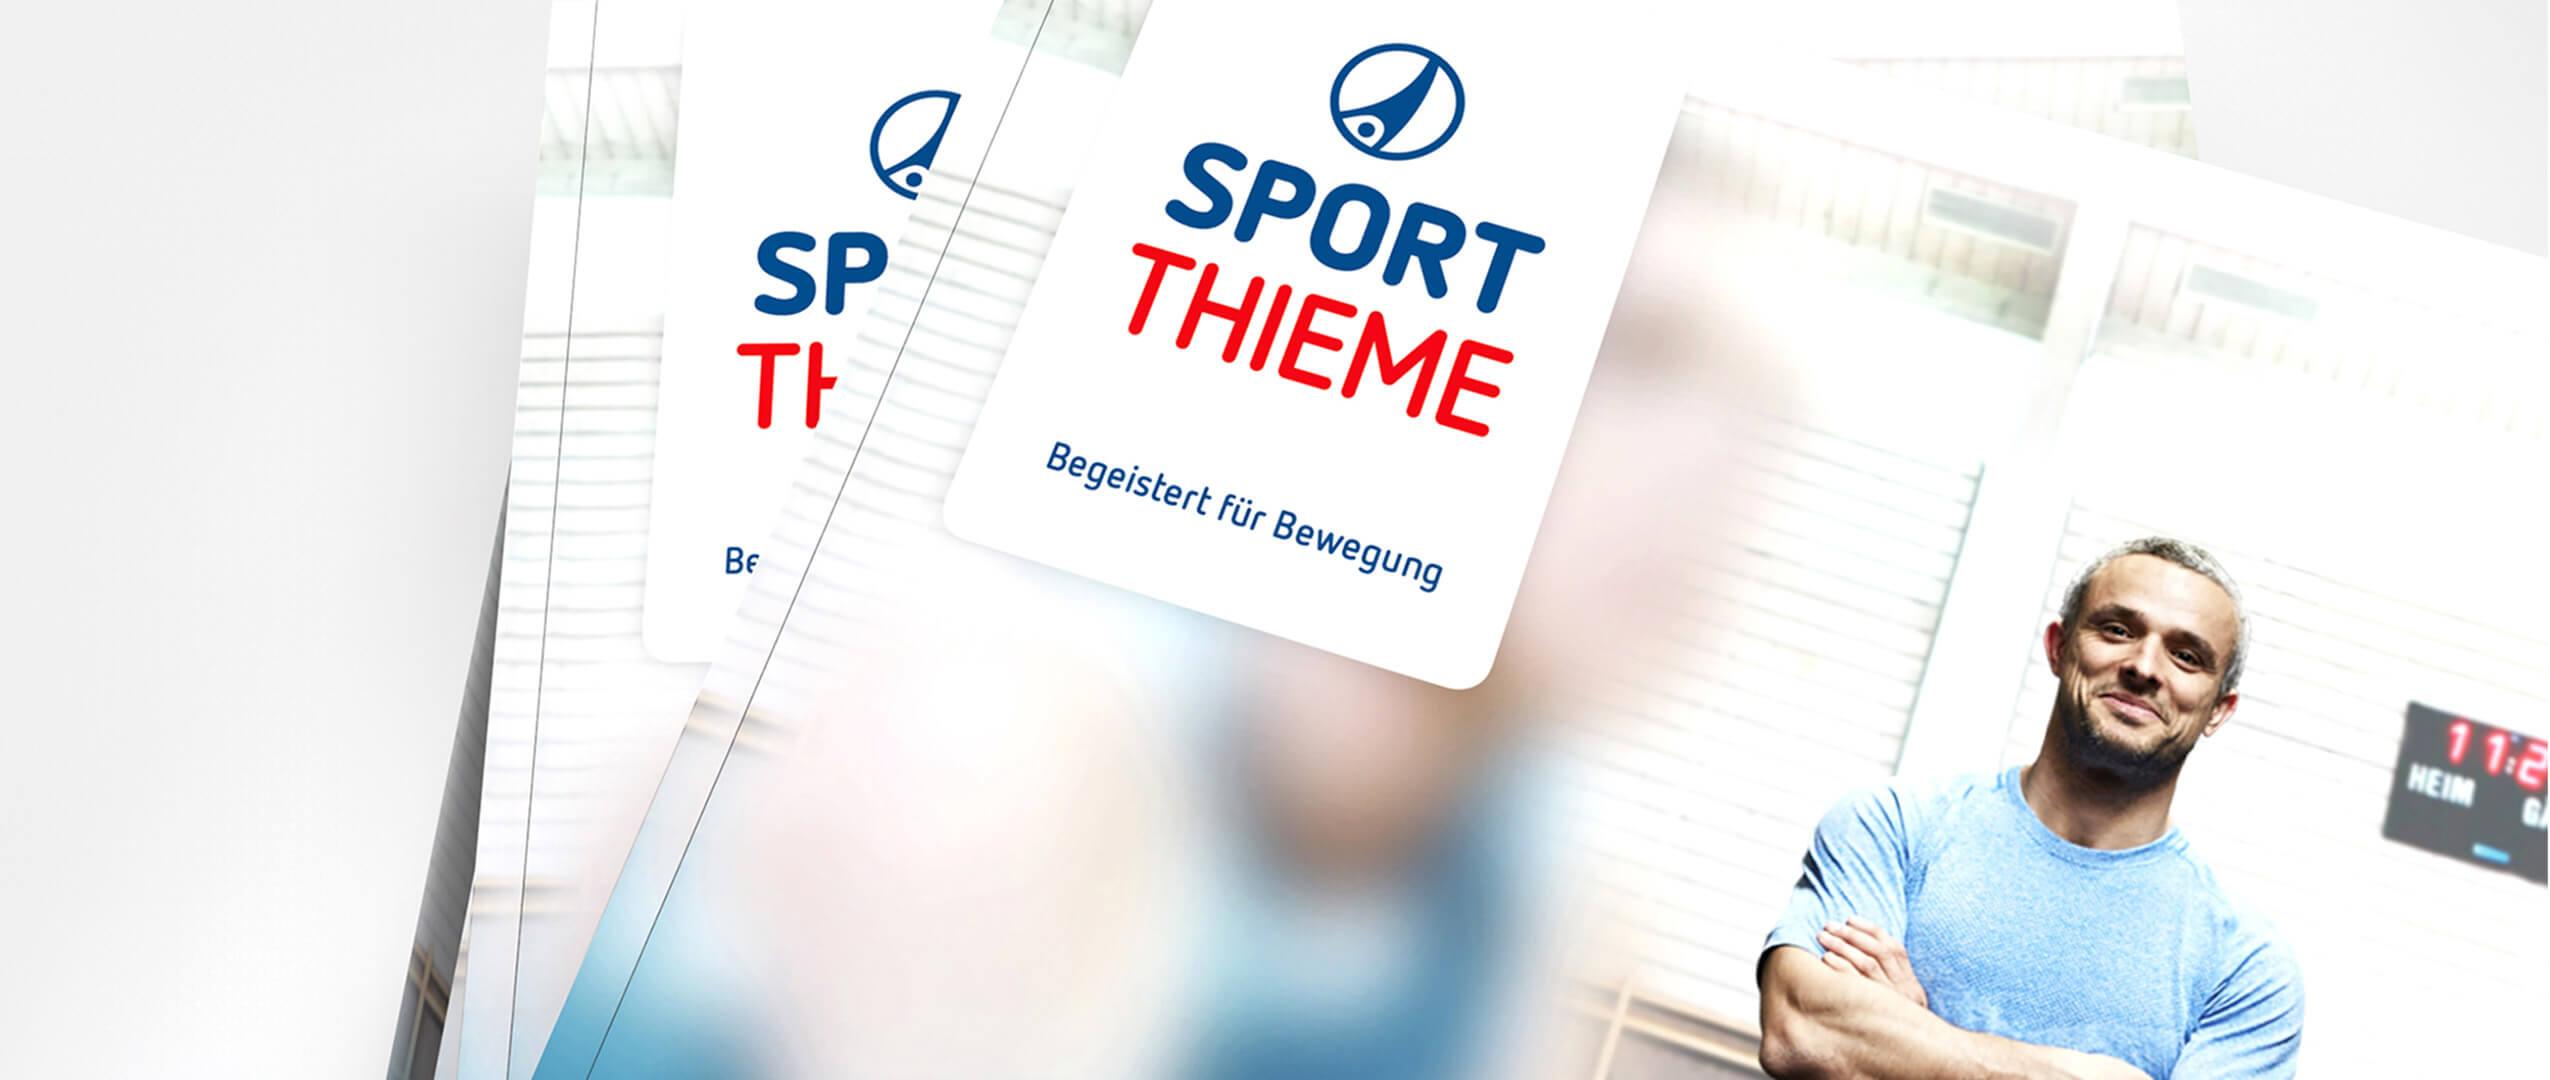 Sport-Thieme Corporate-Design-Studie von Agentur Preussisch Portugal aus Hamburg